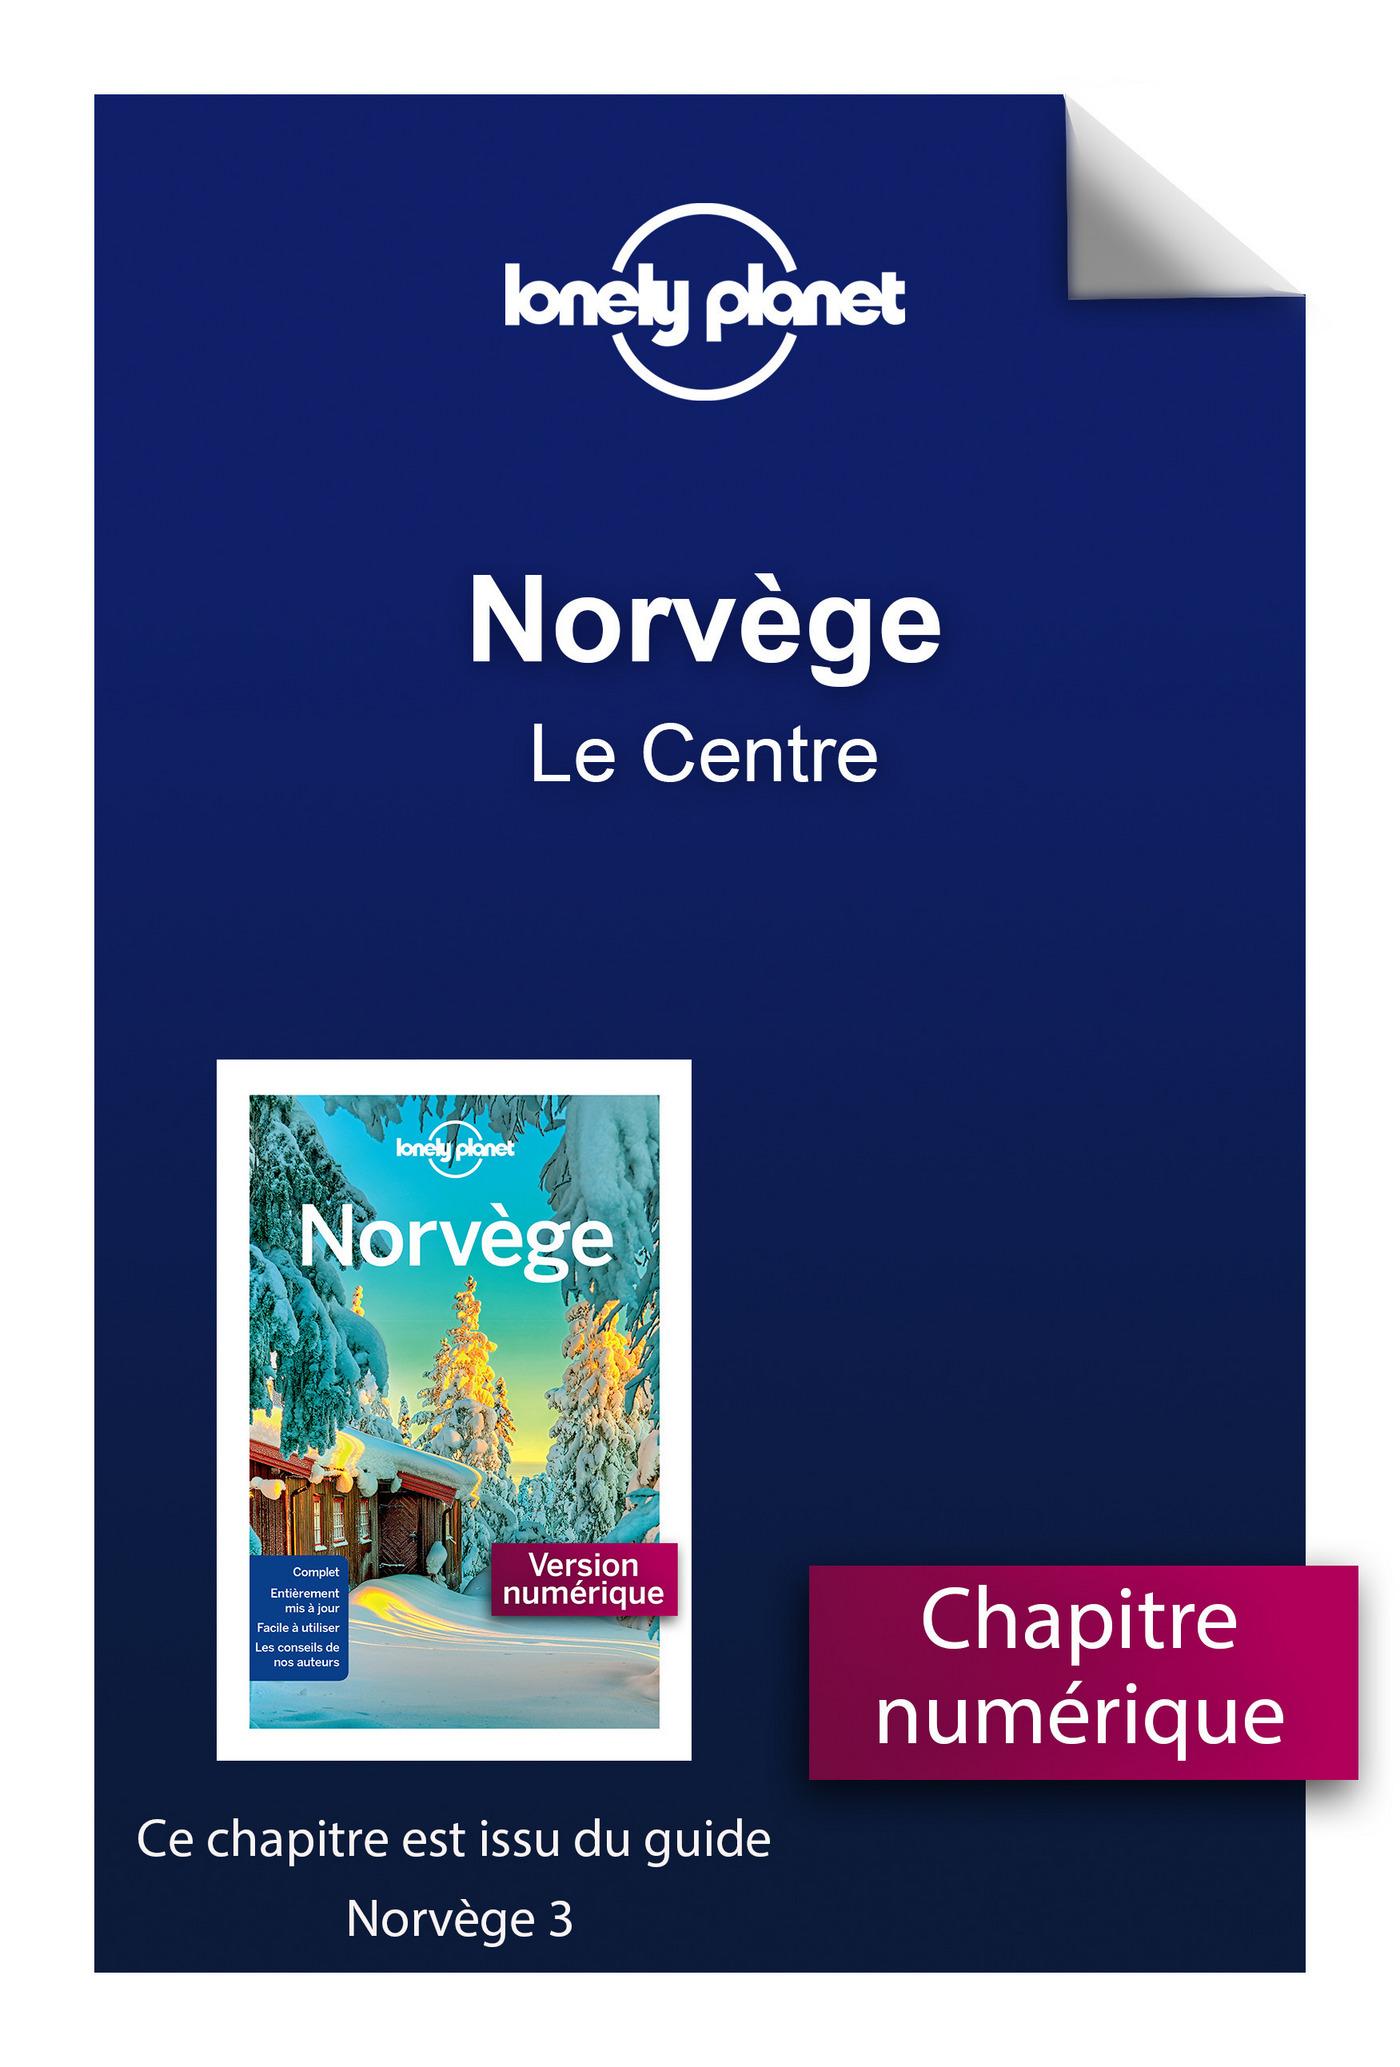 Norvège 3 - Le Centre